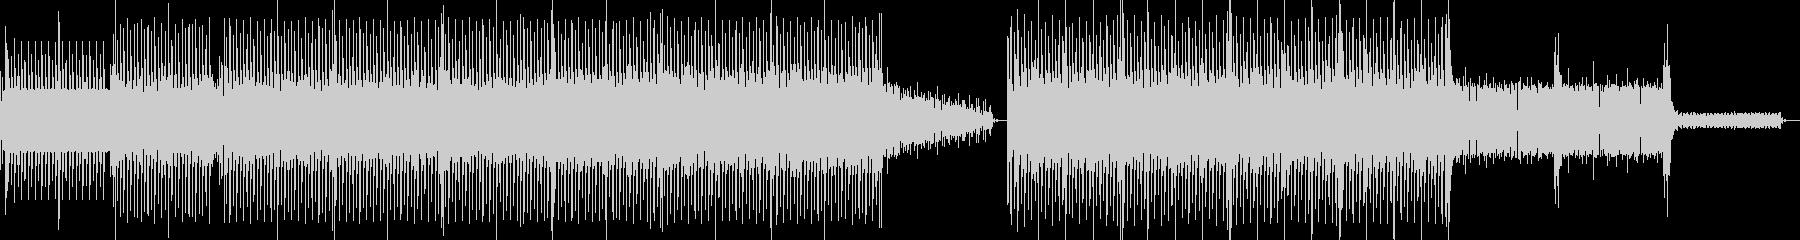 キックドラムとベースラインからカラ...の未再生の波形